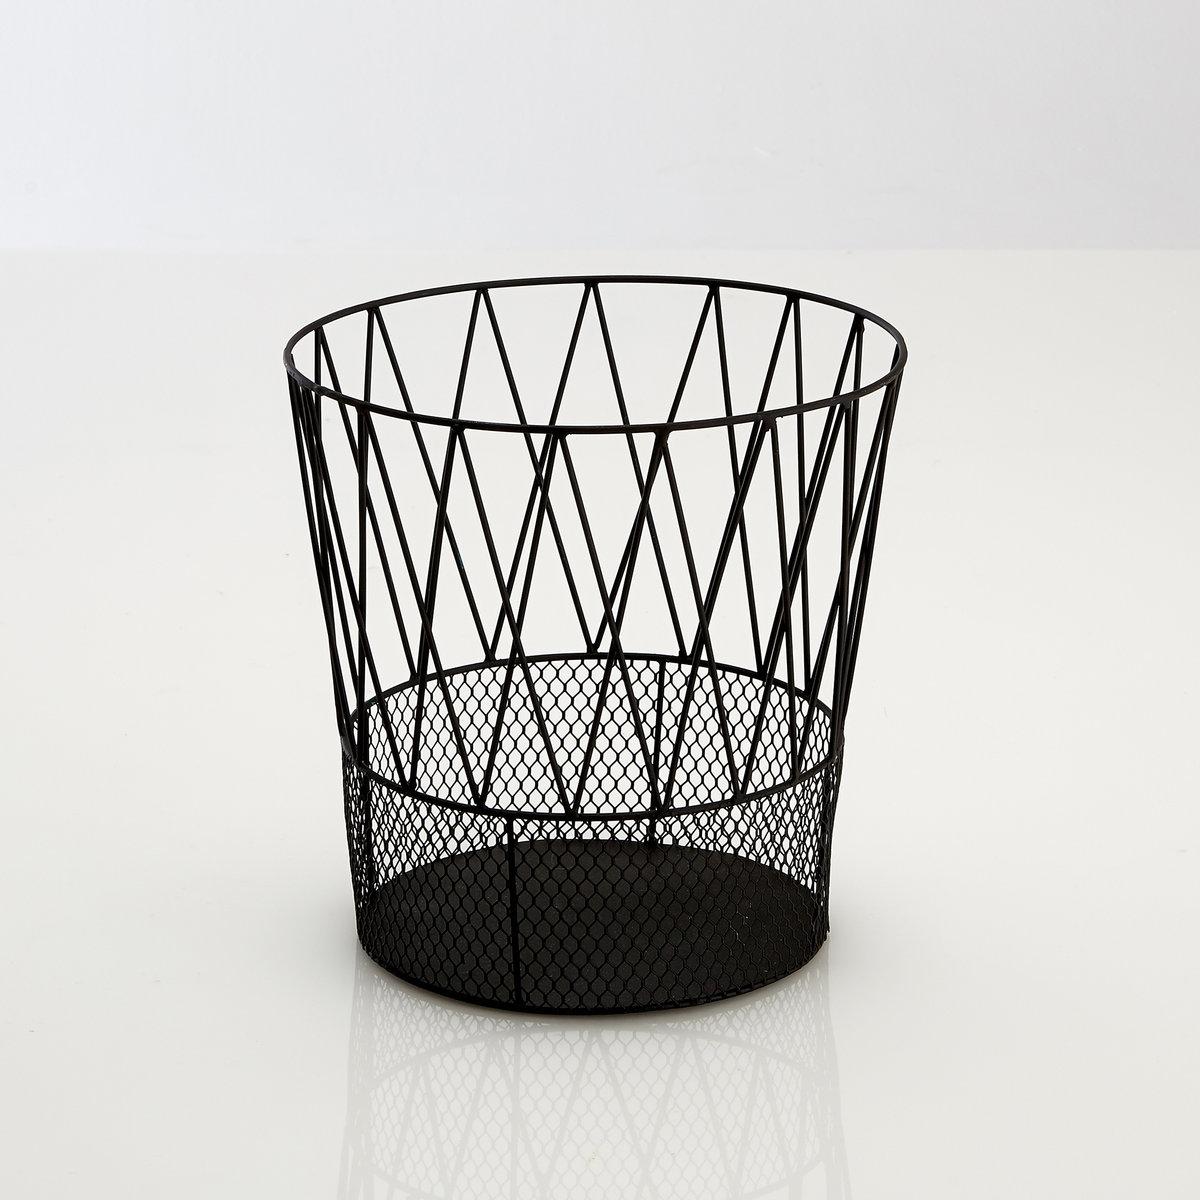 Металлическая корзина ЭльдеяХарактеристики :Металл с эпоксидным покрытием Размеры  :Высота 30 см? верхний 31 см? нижний  23см<br><br>Цвет: черный